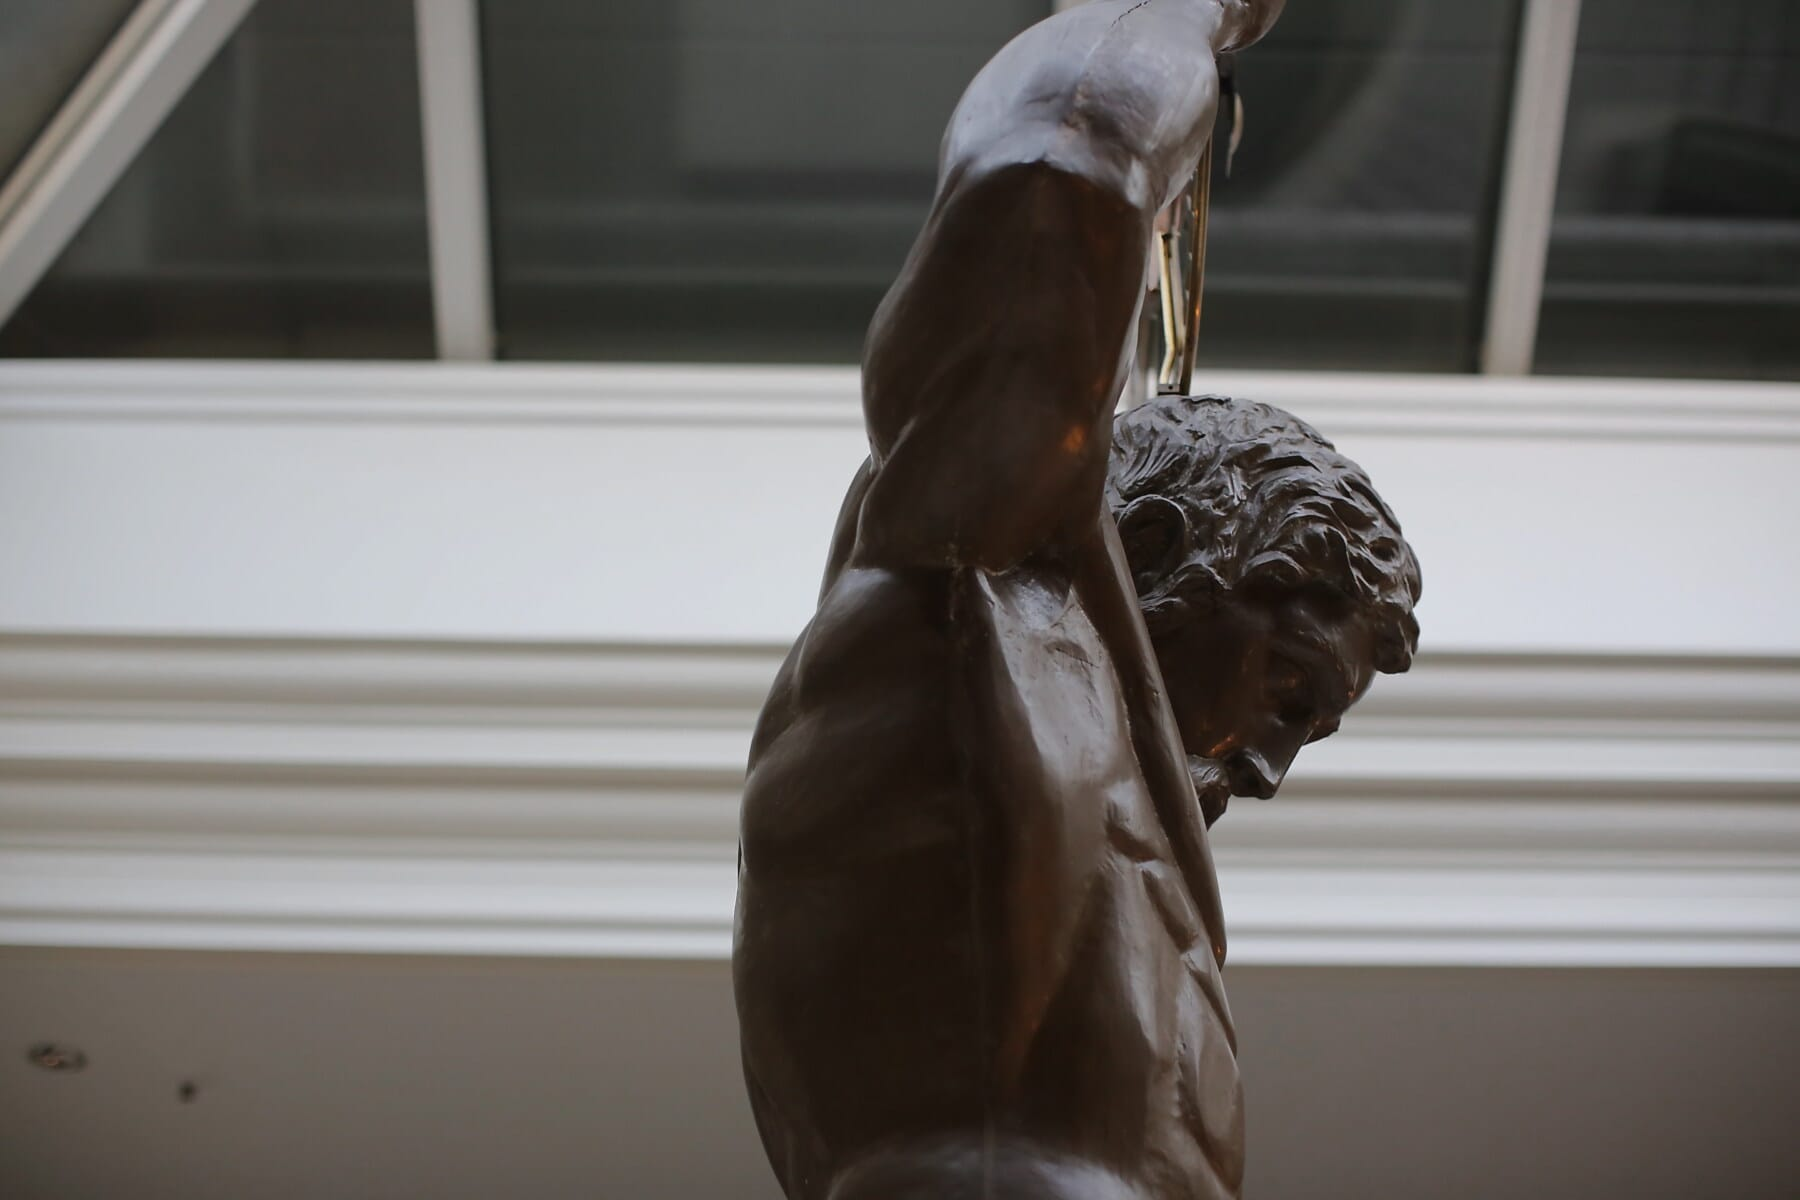 Mann, muskulös, Skulptur, Atrium, Bronze, Kunst, Seitenansicht, Statue, Porträt, drinnen